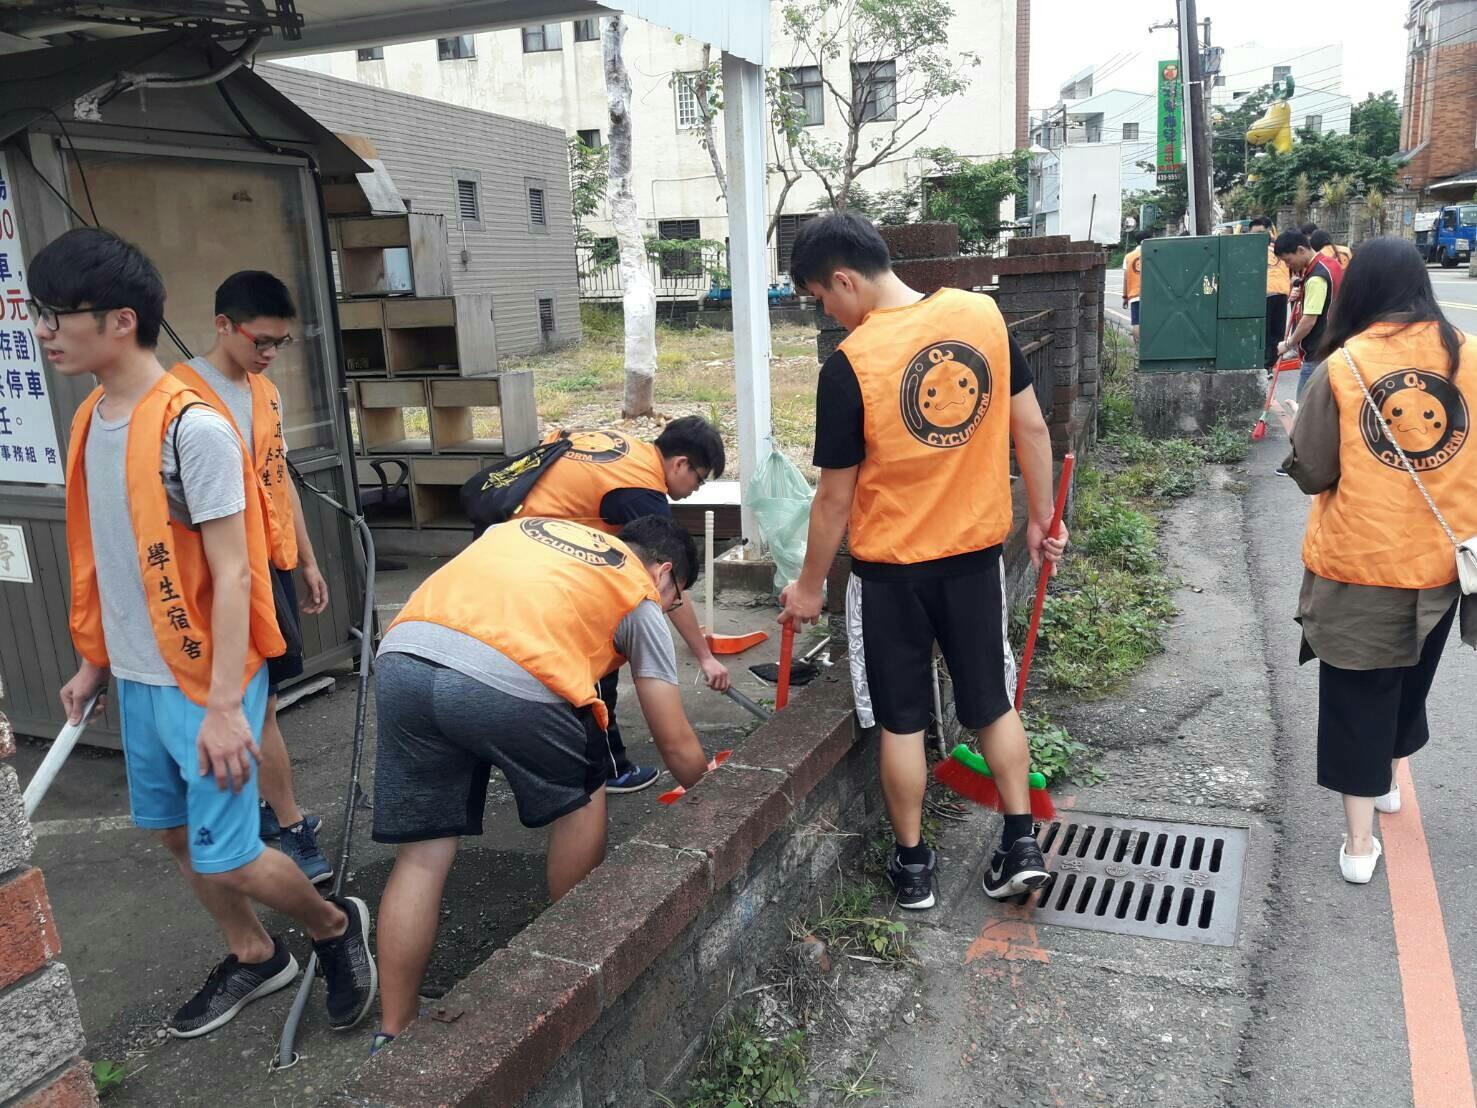 中原學生發起「身體力行,有善社區」掃街活動 深獲里長民眾鼓勵肯定